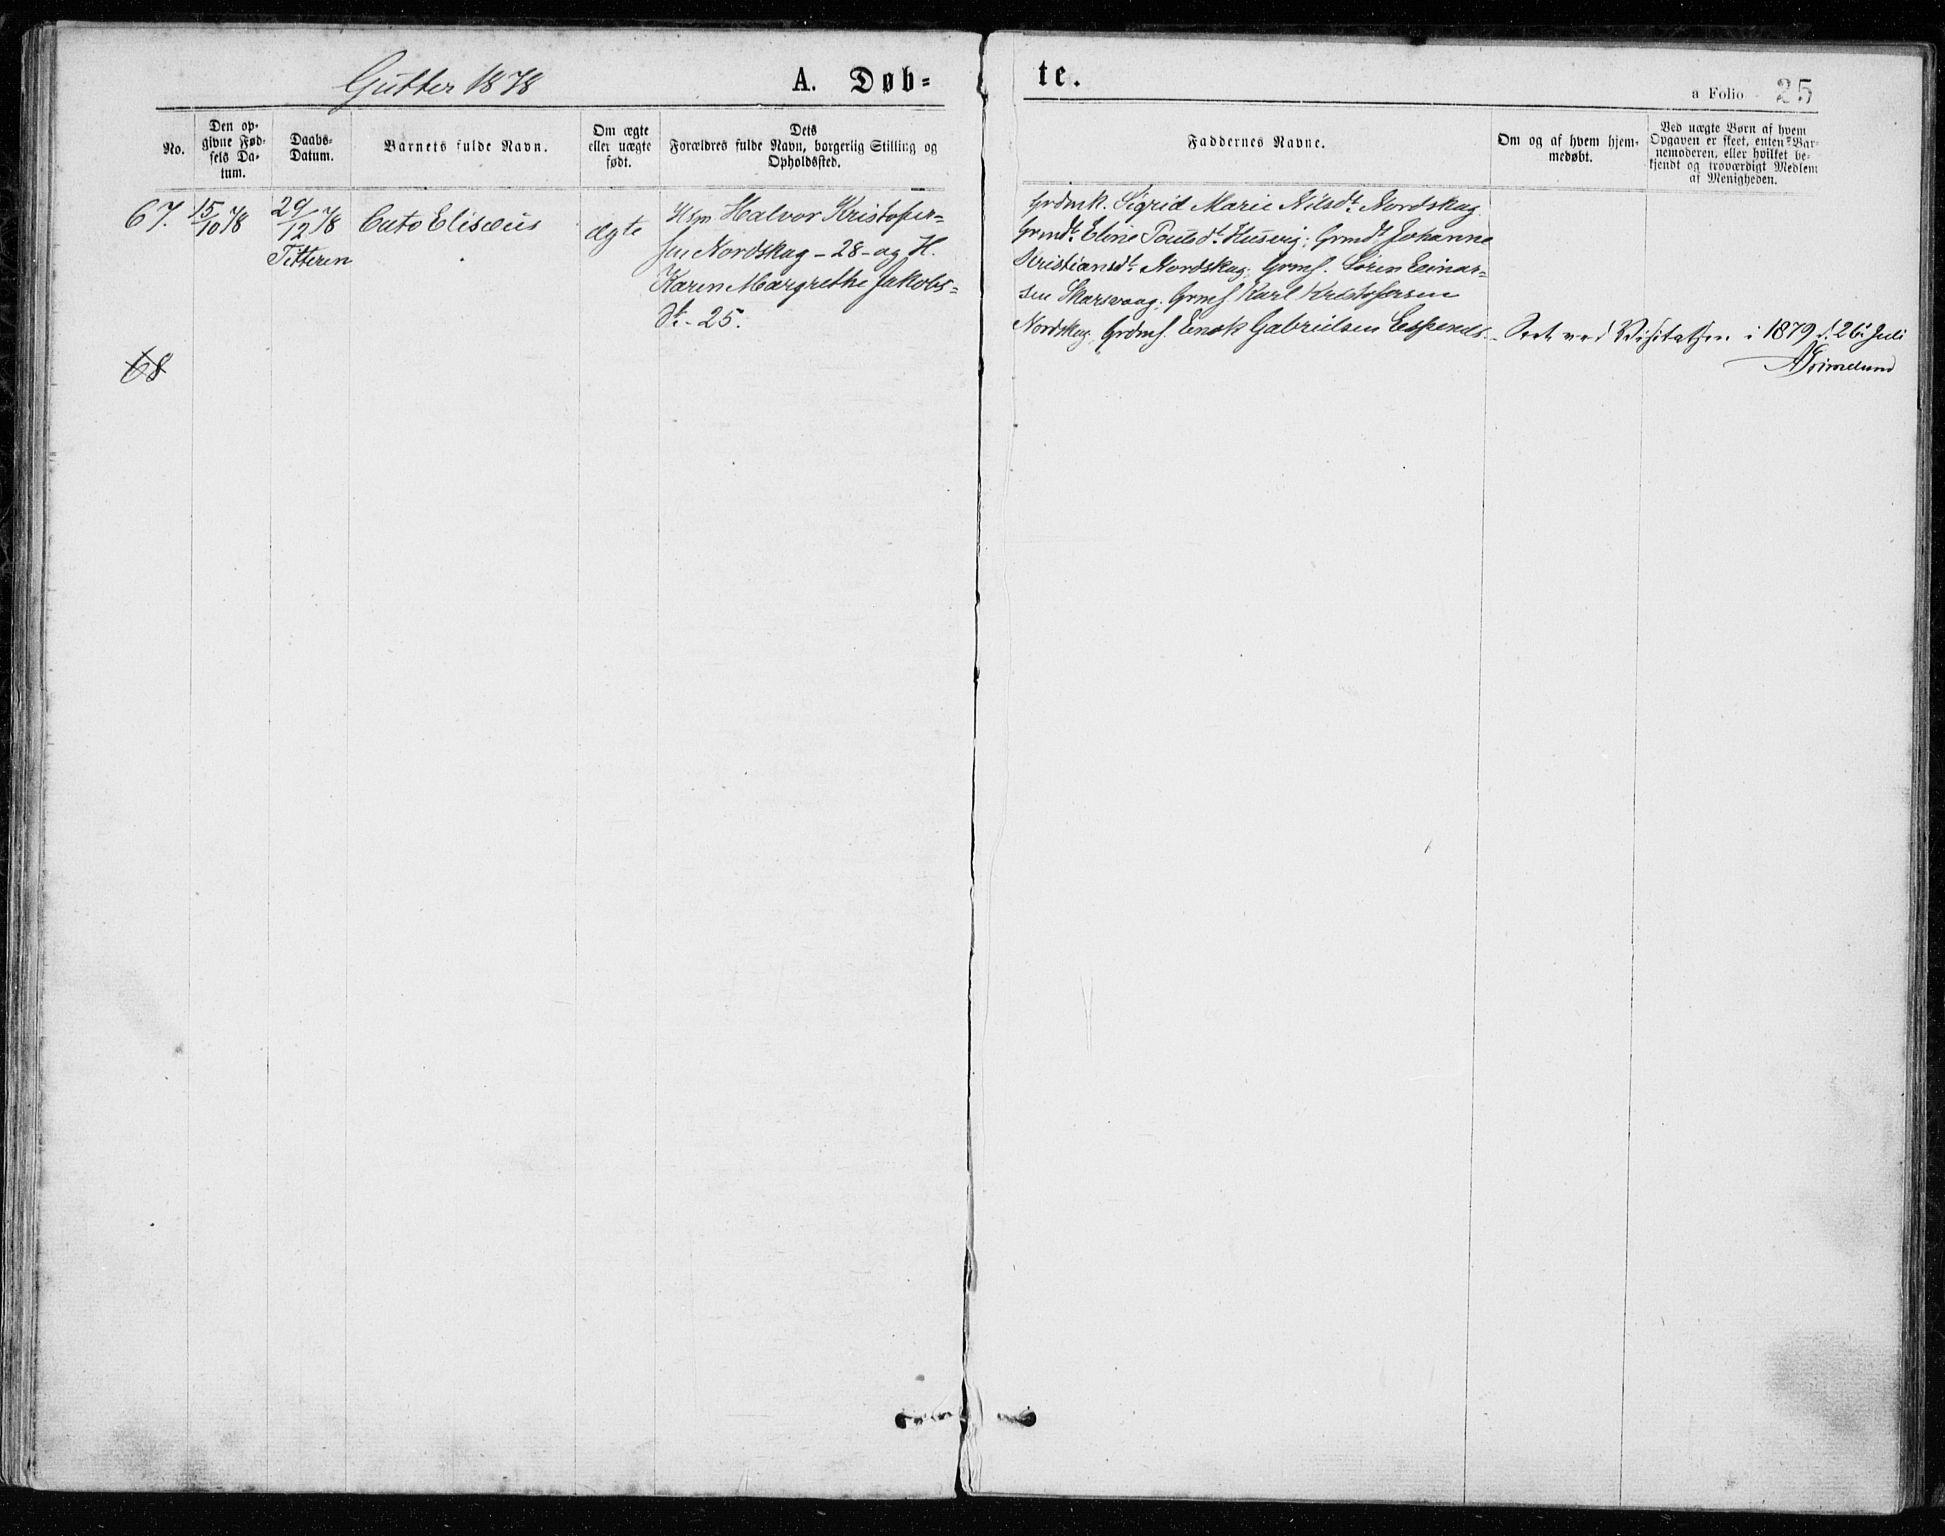 SAT, Ministerialprotokoller, klokkerbøker og fødselsregistre - Sør-Trøndelag, 640/L0577: Ministerialbok nr. 640A02, 1877-1878, s. 25